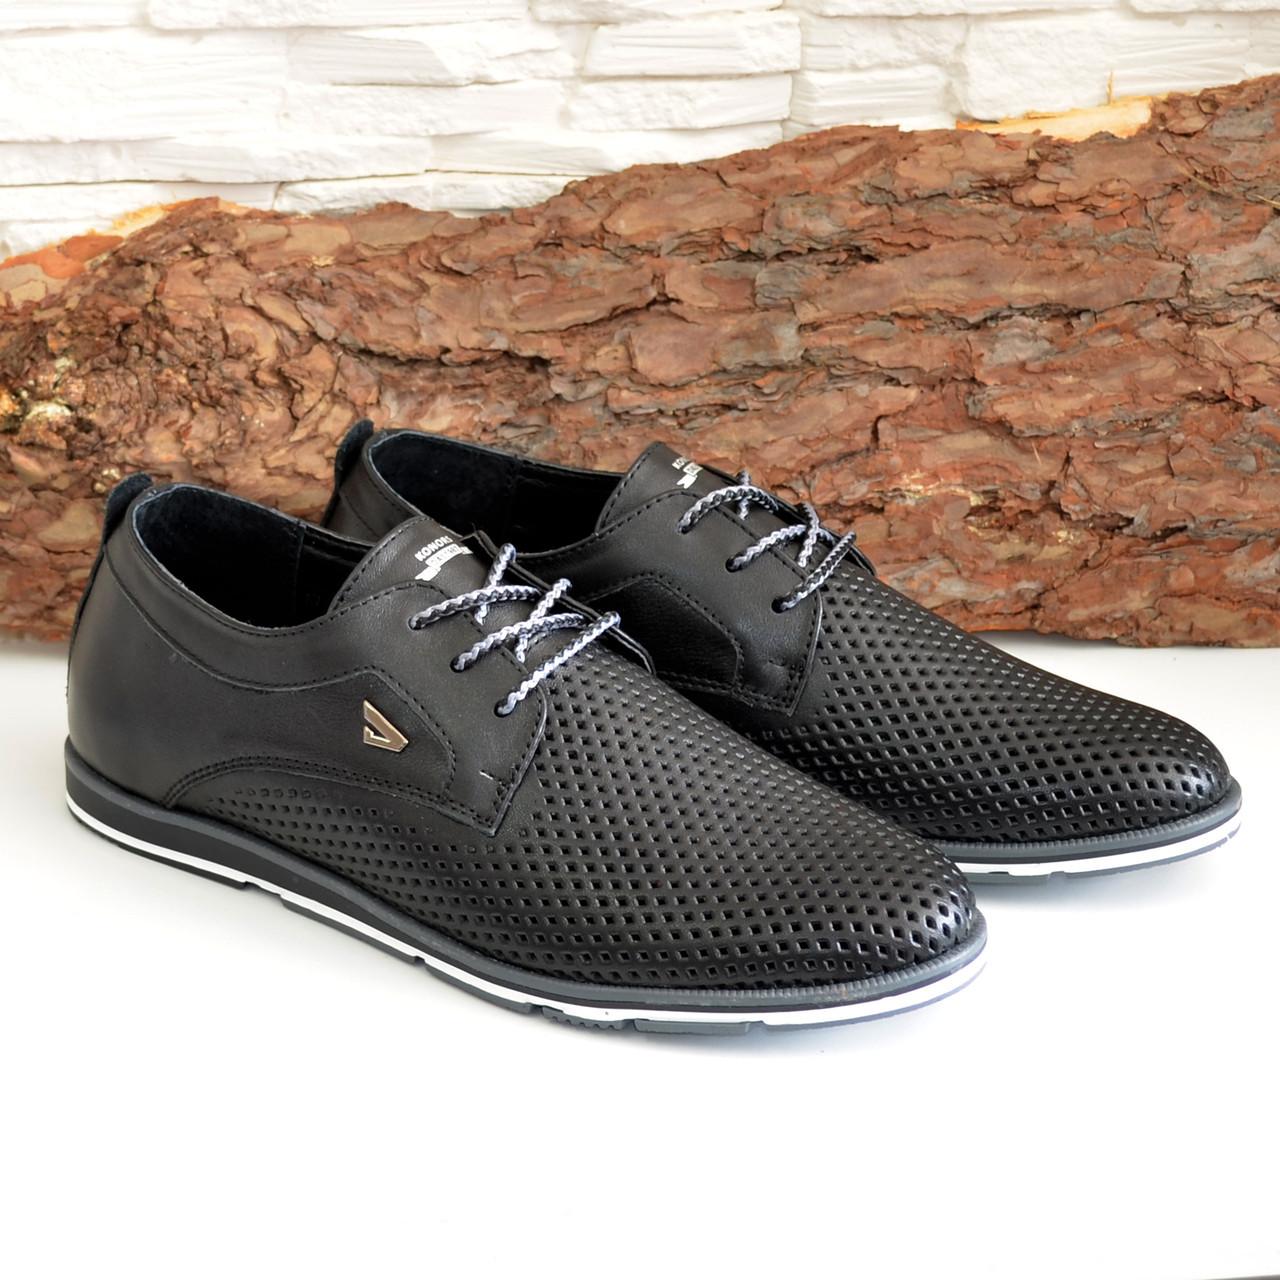 Мужские кожаные черные туфли на шнуровке. В наличии размеры 41-44